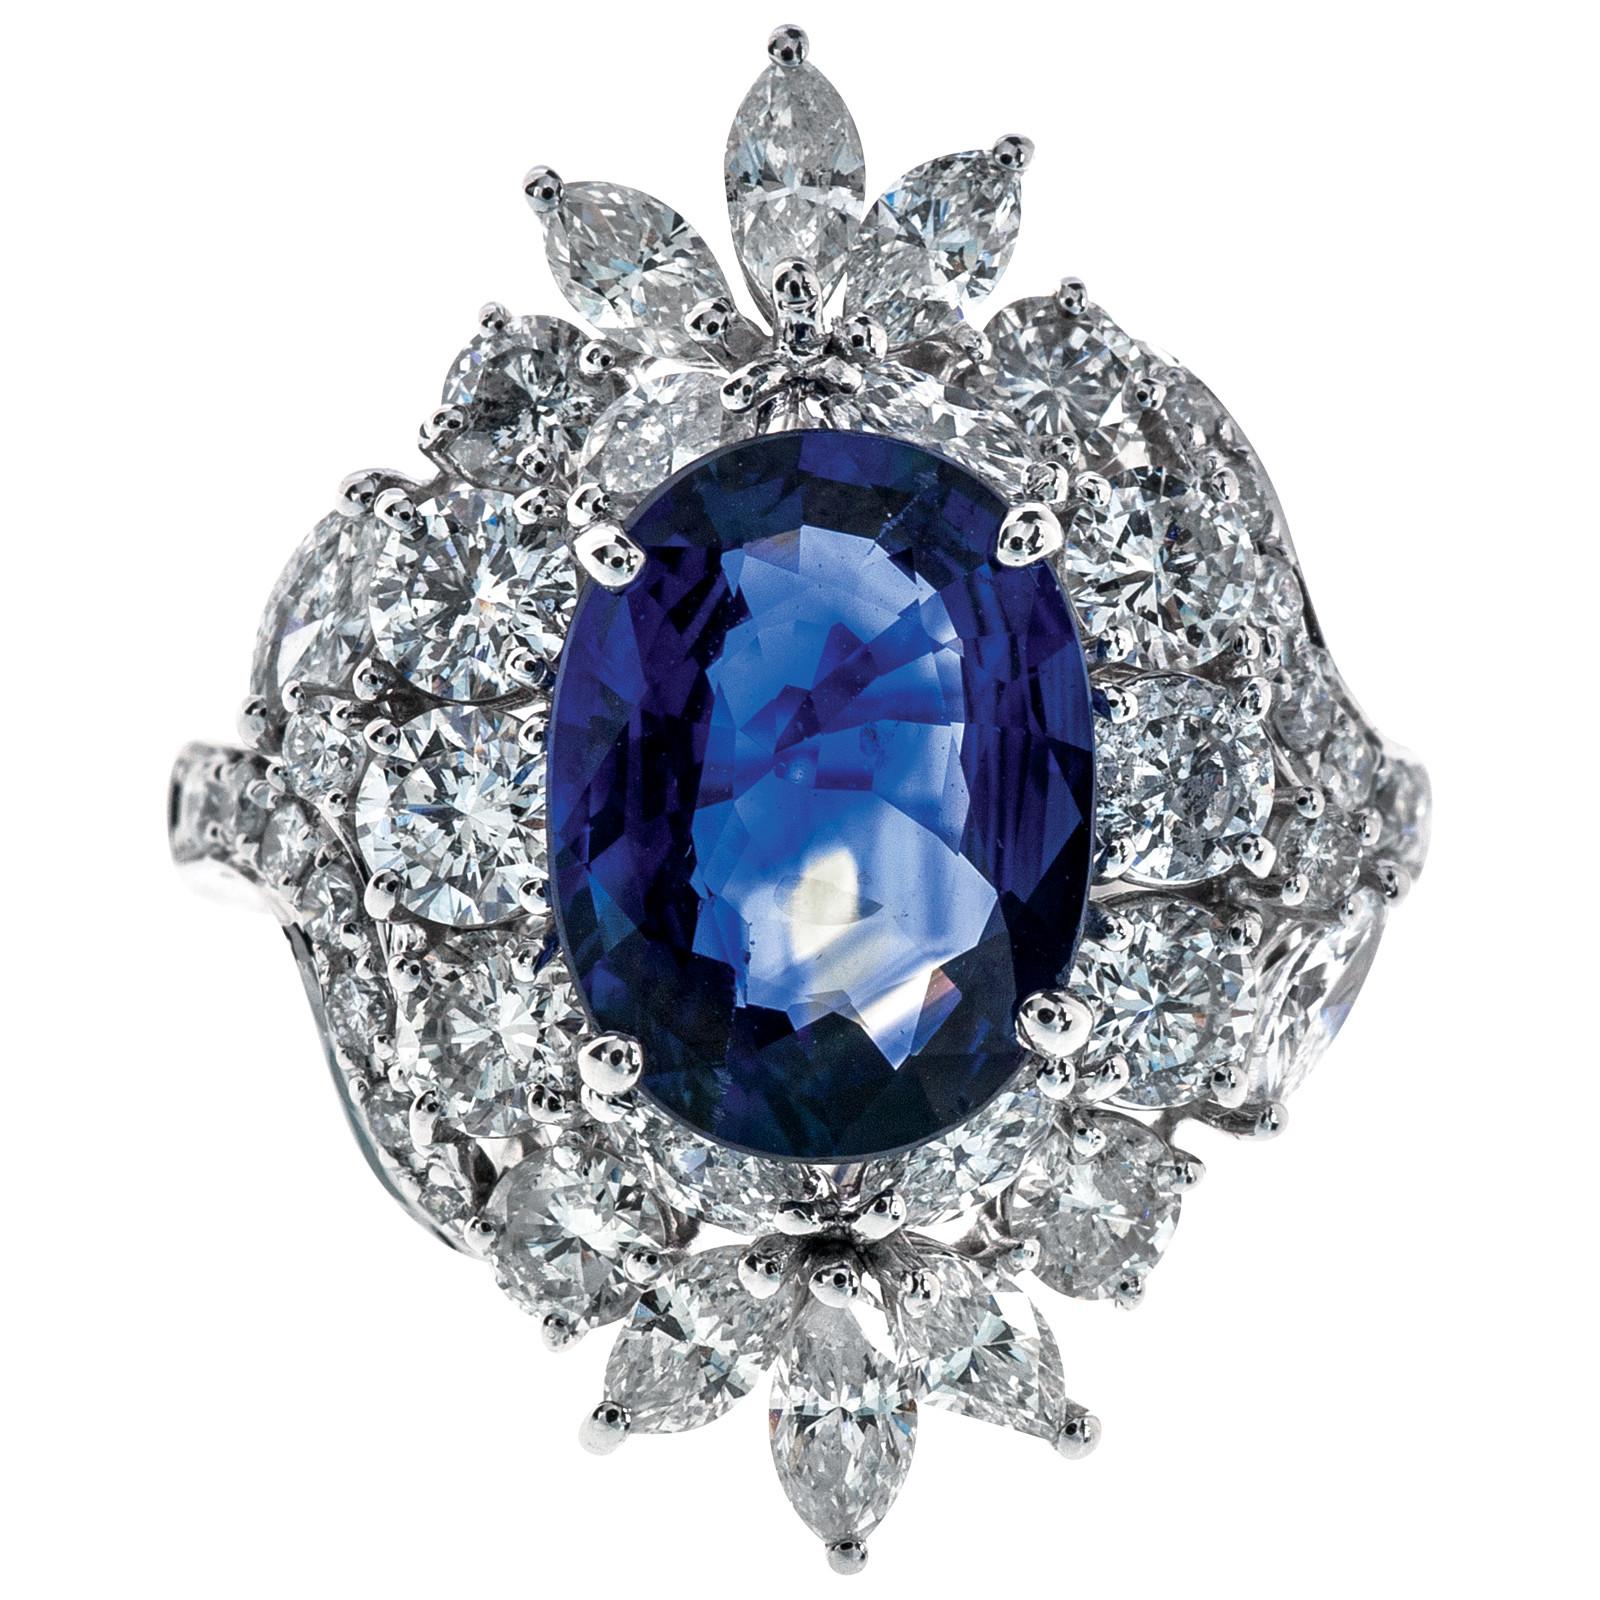 5.95 CTW Sapphire & Diamond Ring